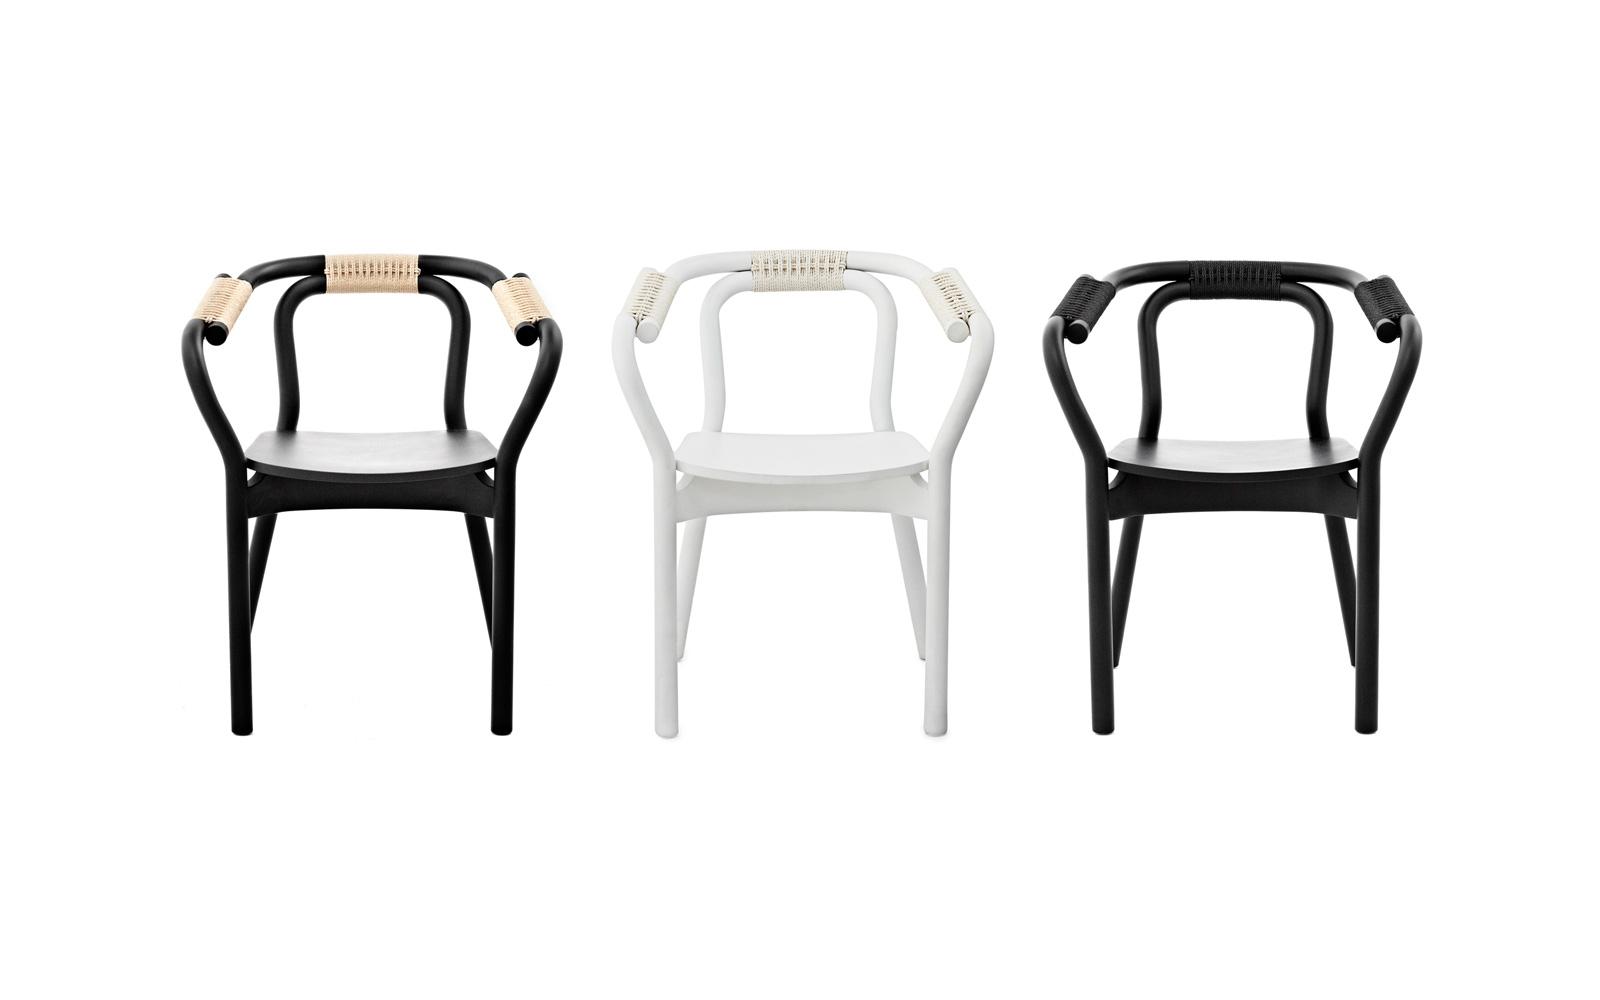 Обеденные стулья в интерьере вашего дома - Knot . Фото 1